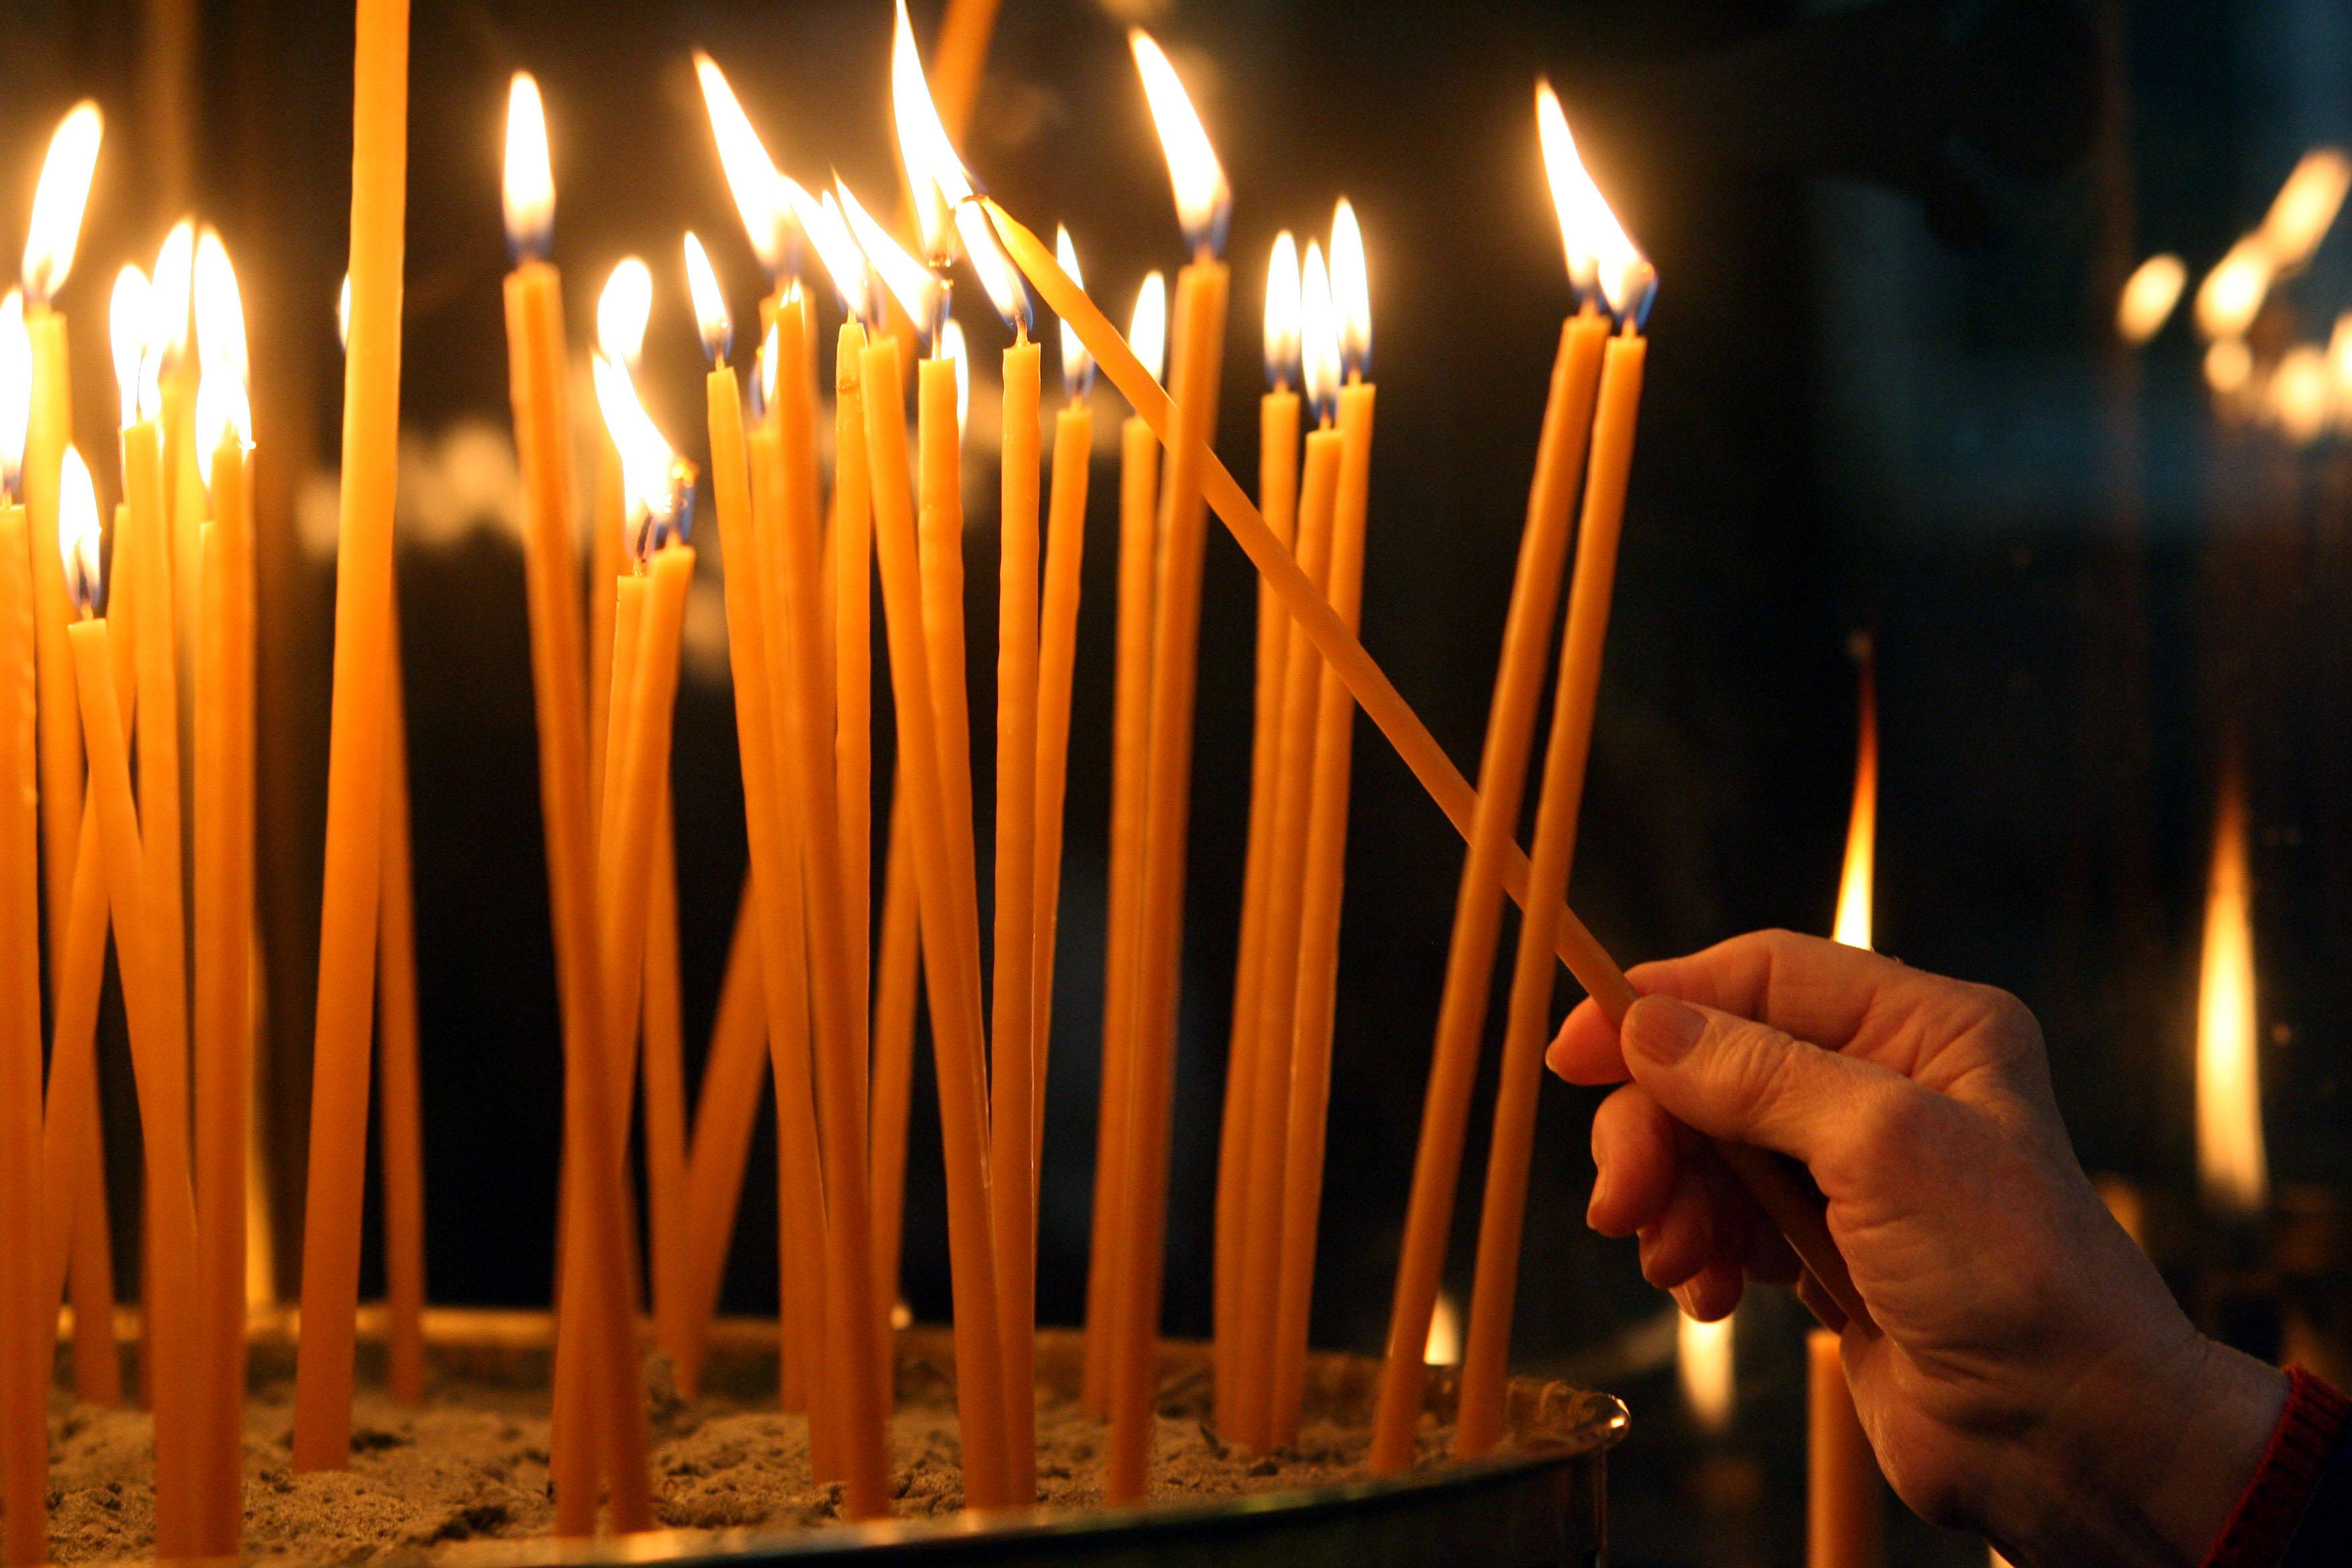 Καλό Πάσχα. Η Ανάσταση του Θεανθρώπου να φωτίζει τις ψυχές και τις καρδιές όλων μας!